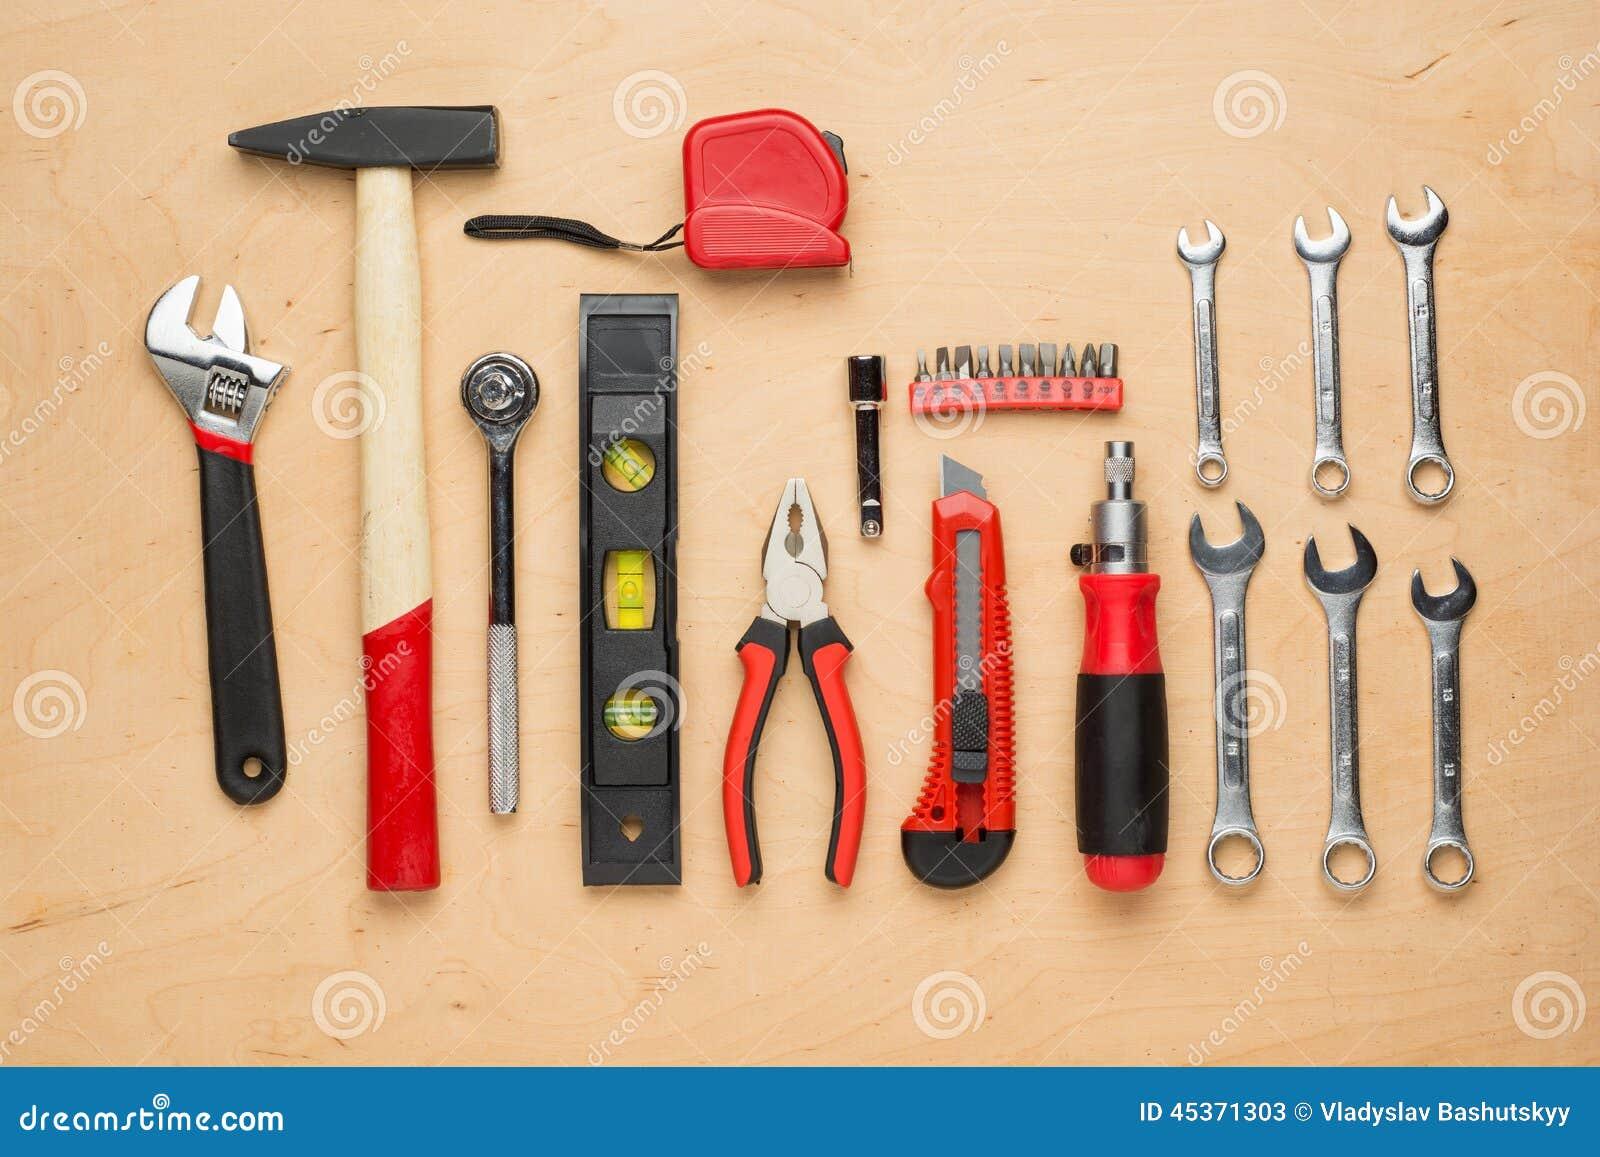 Insieme degli attrezzi per bricolage su un pannello di for Bricolage legno